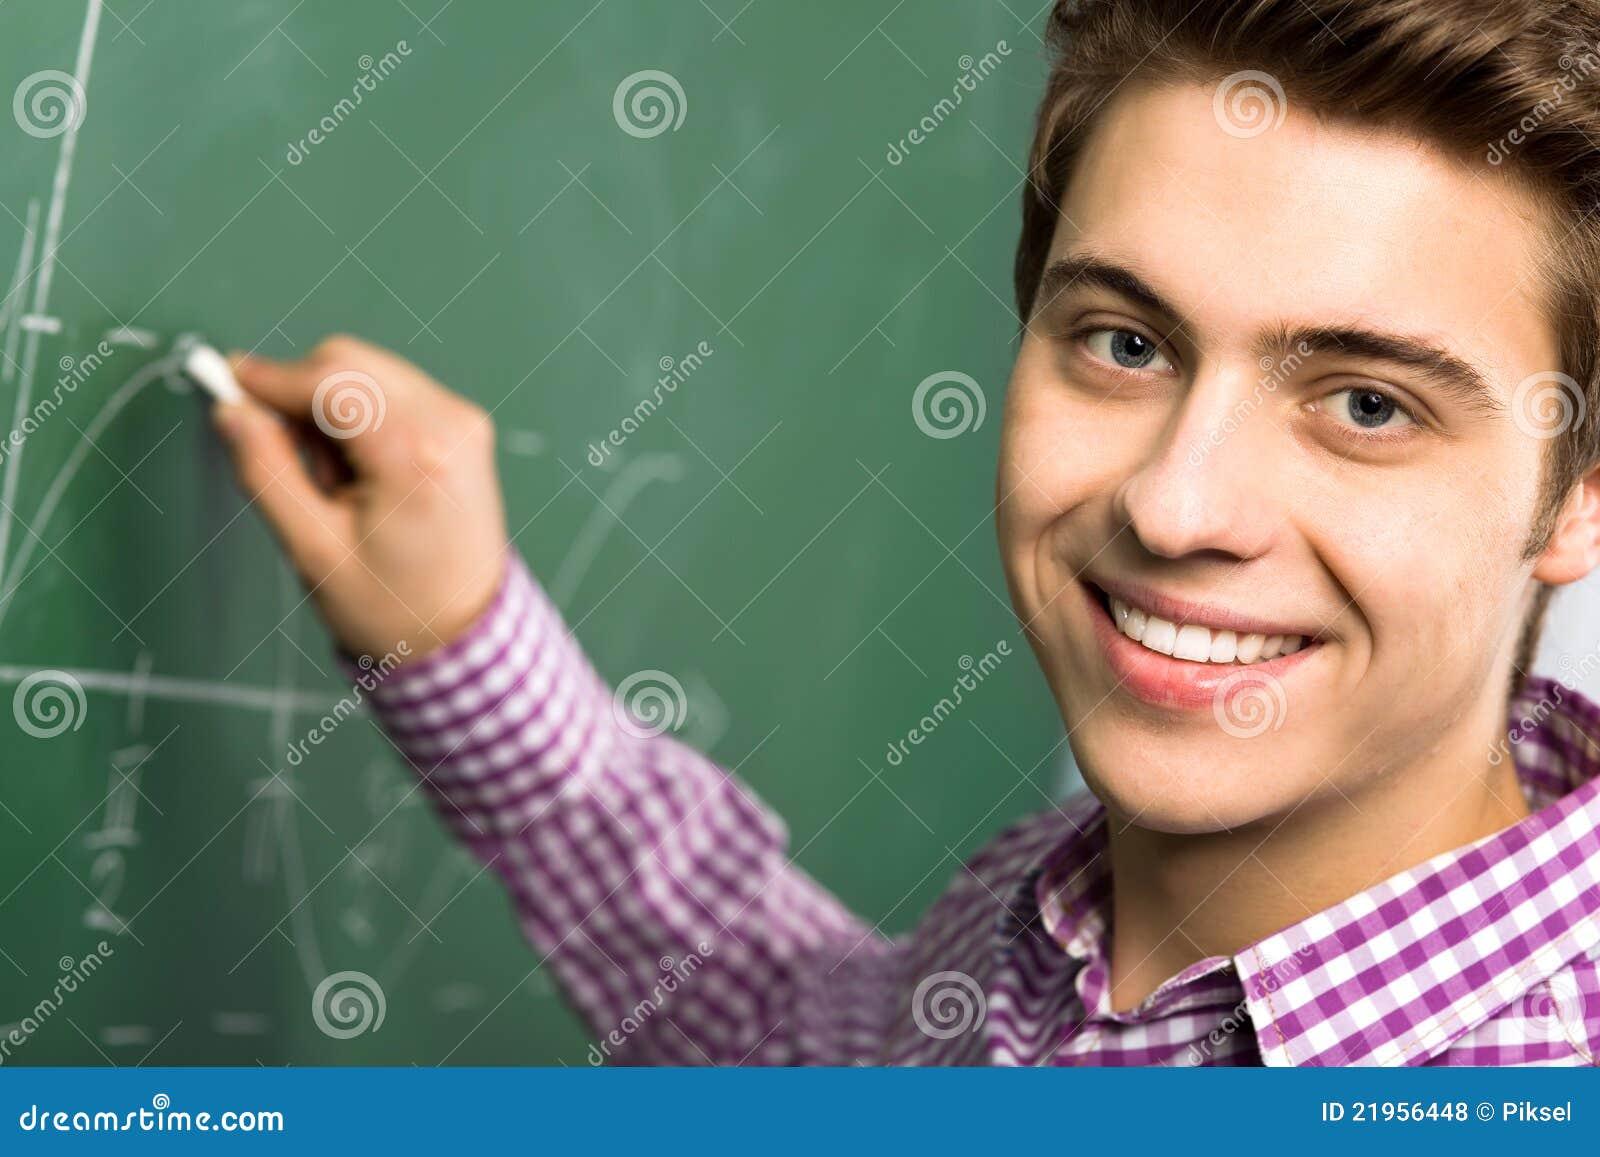 Student Doing Math On Chalkboard Stock Photo - Image of teenage ...